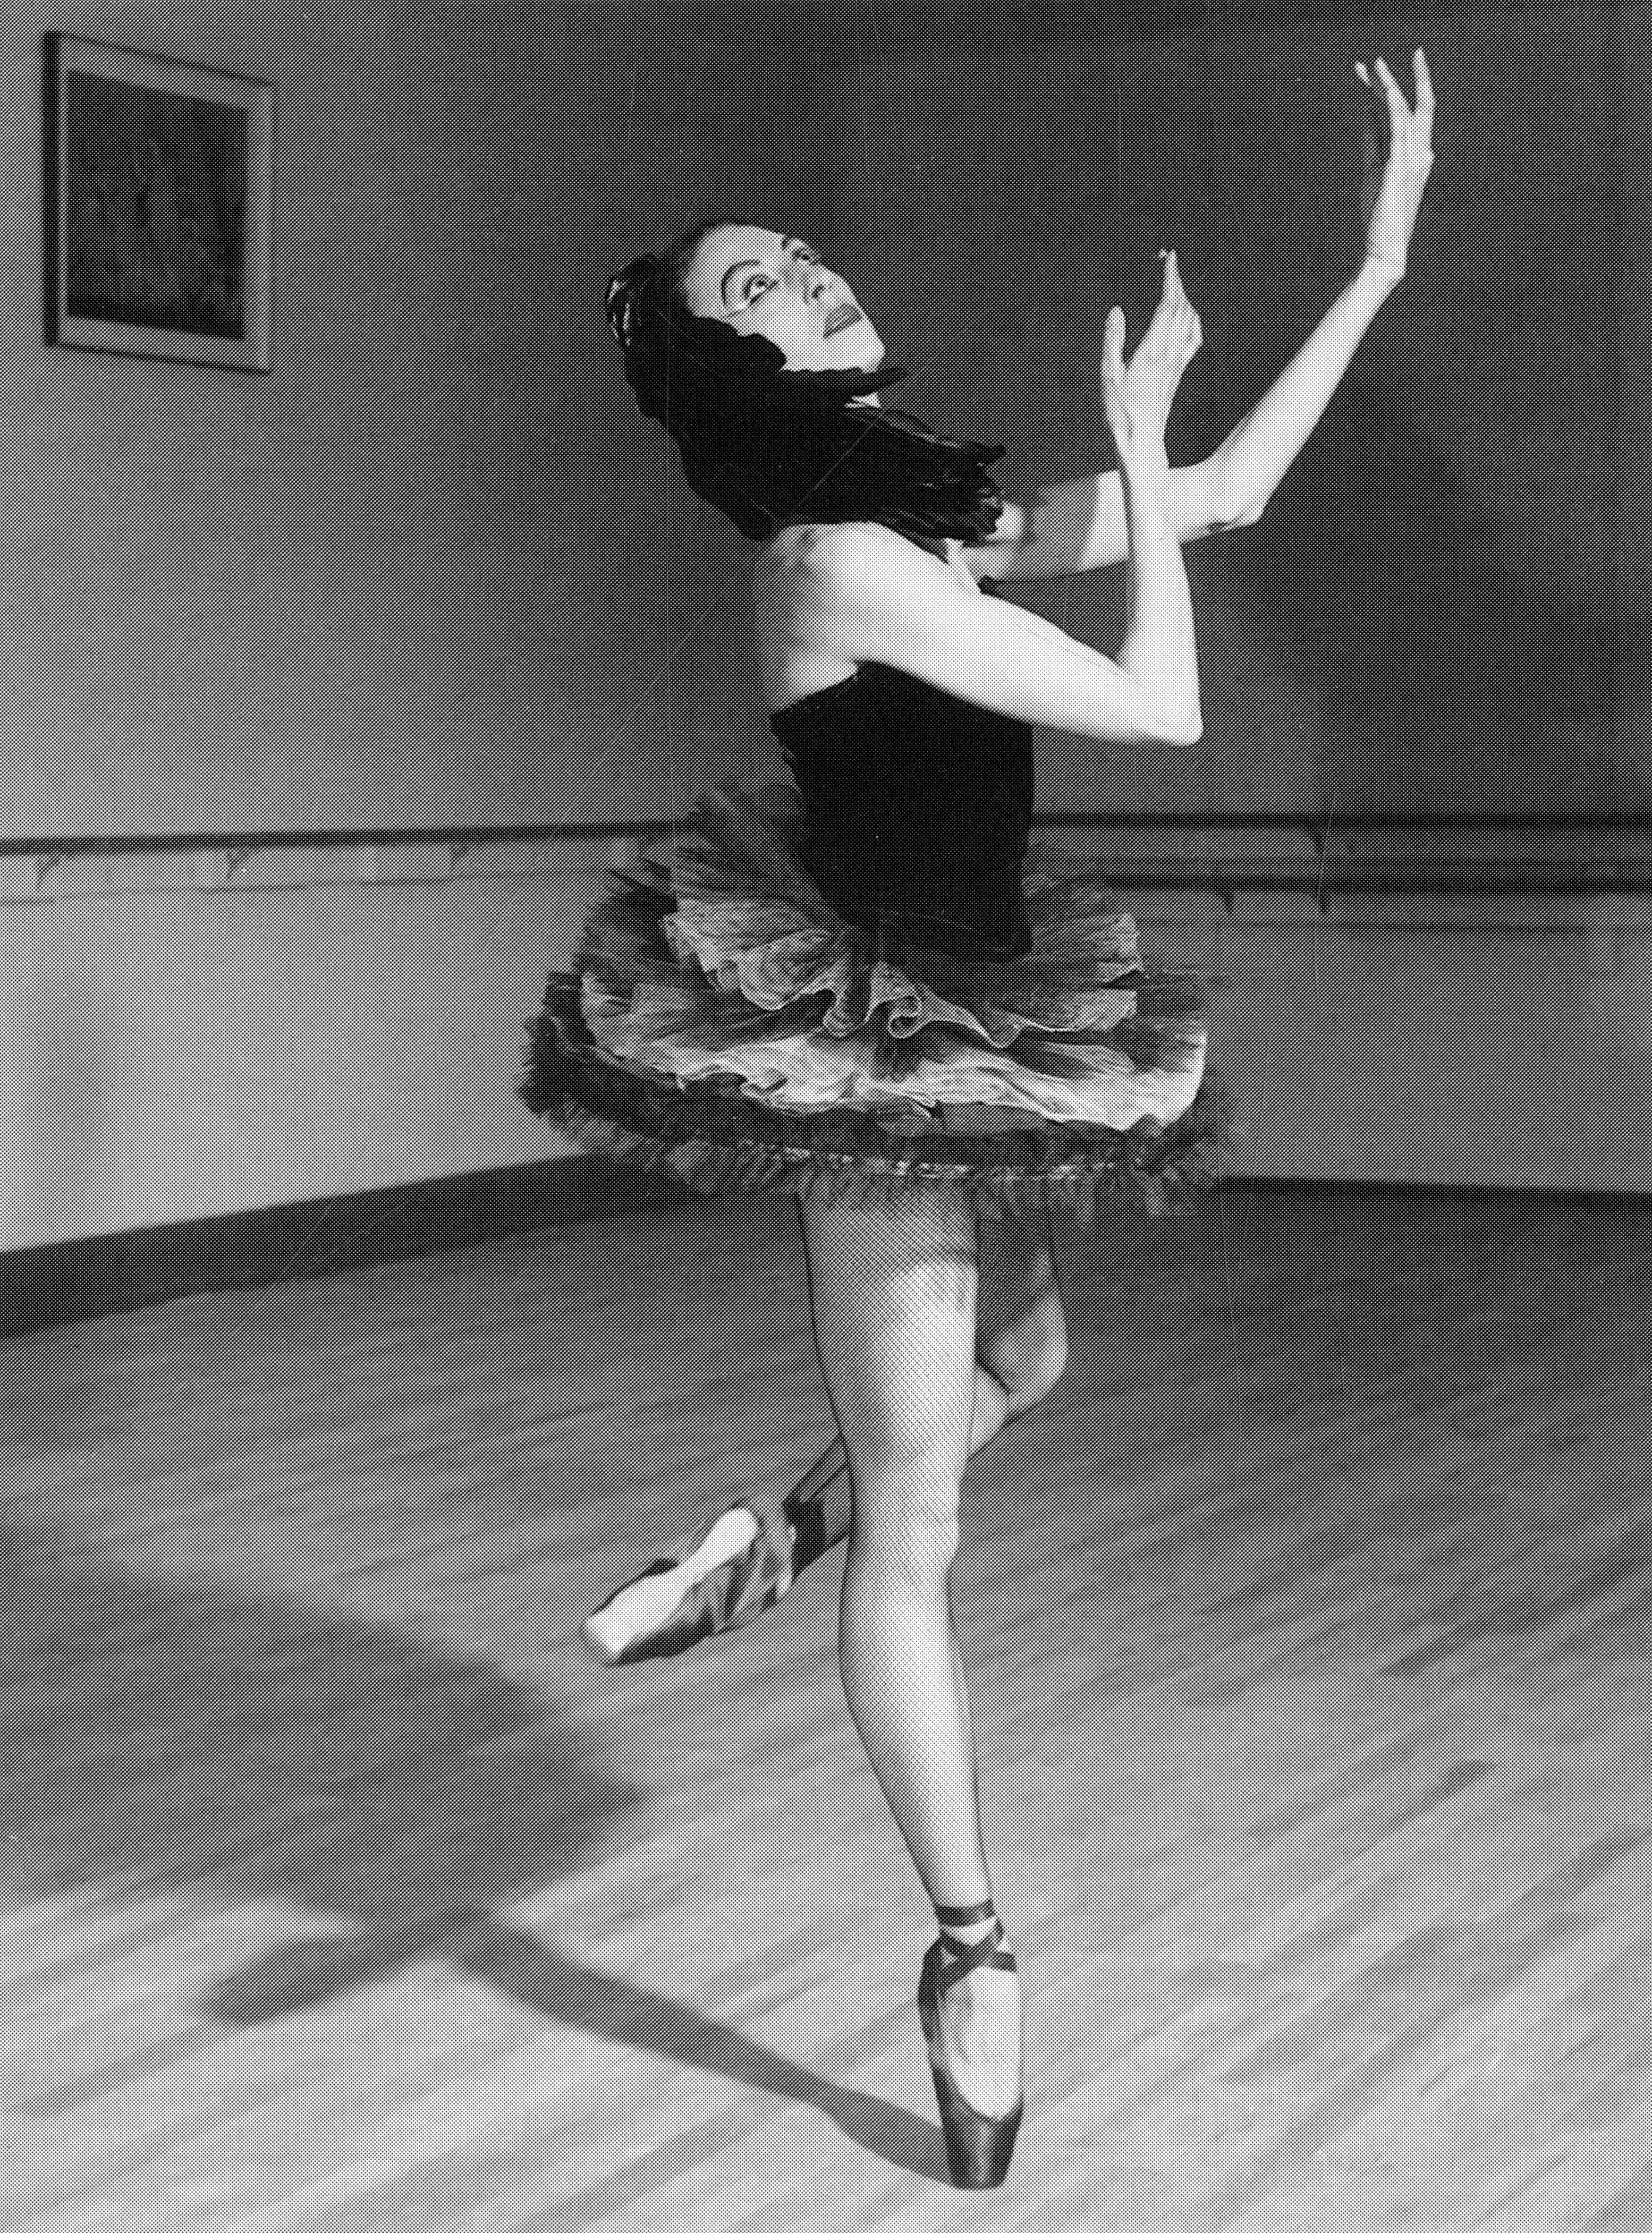 Lillian Covillo